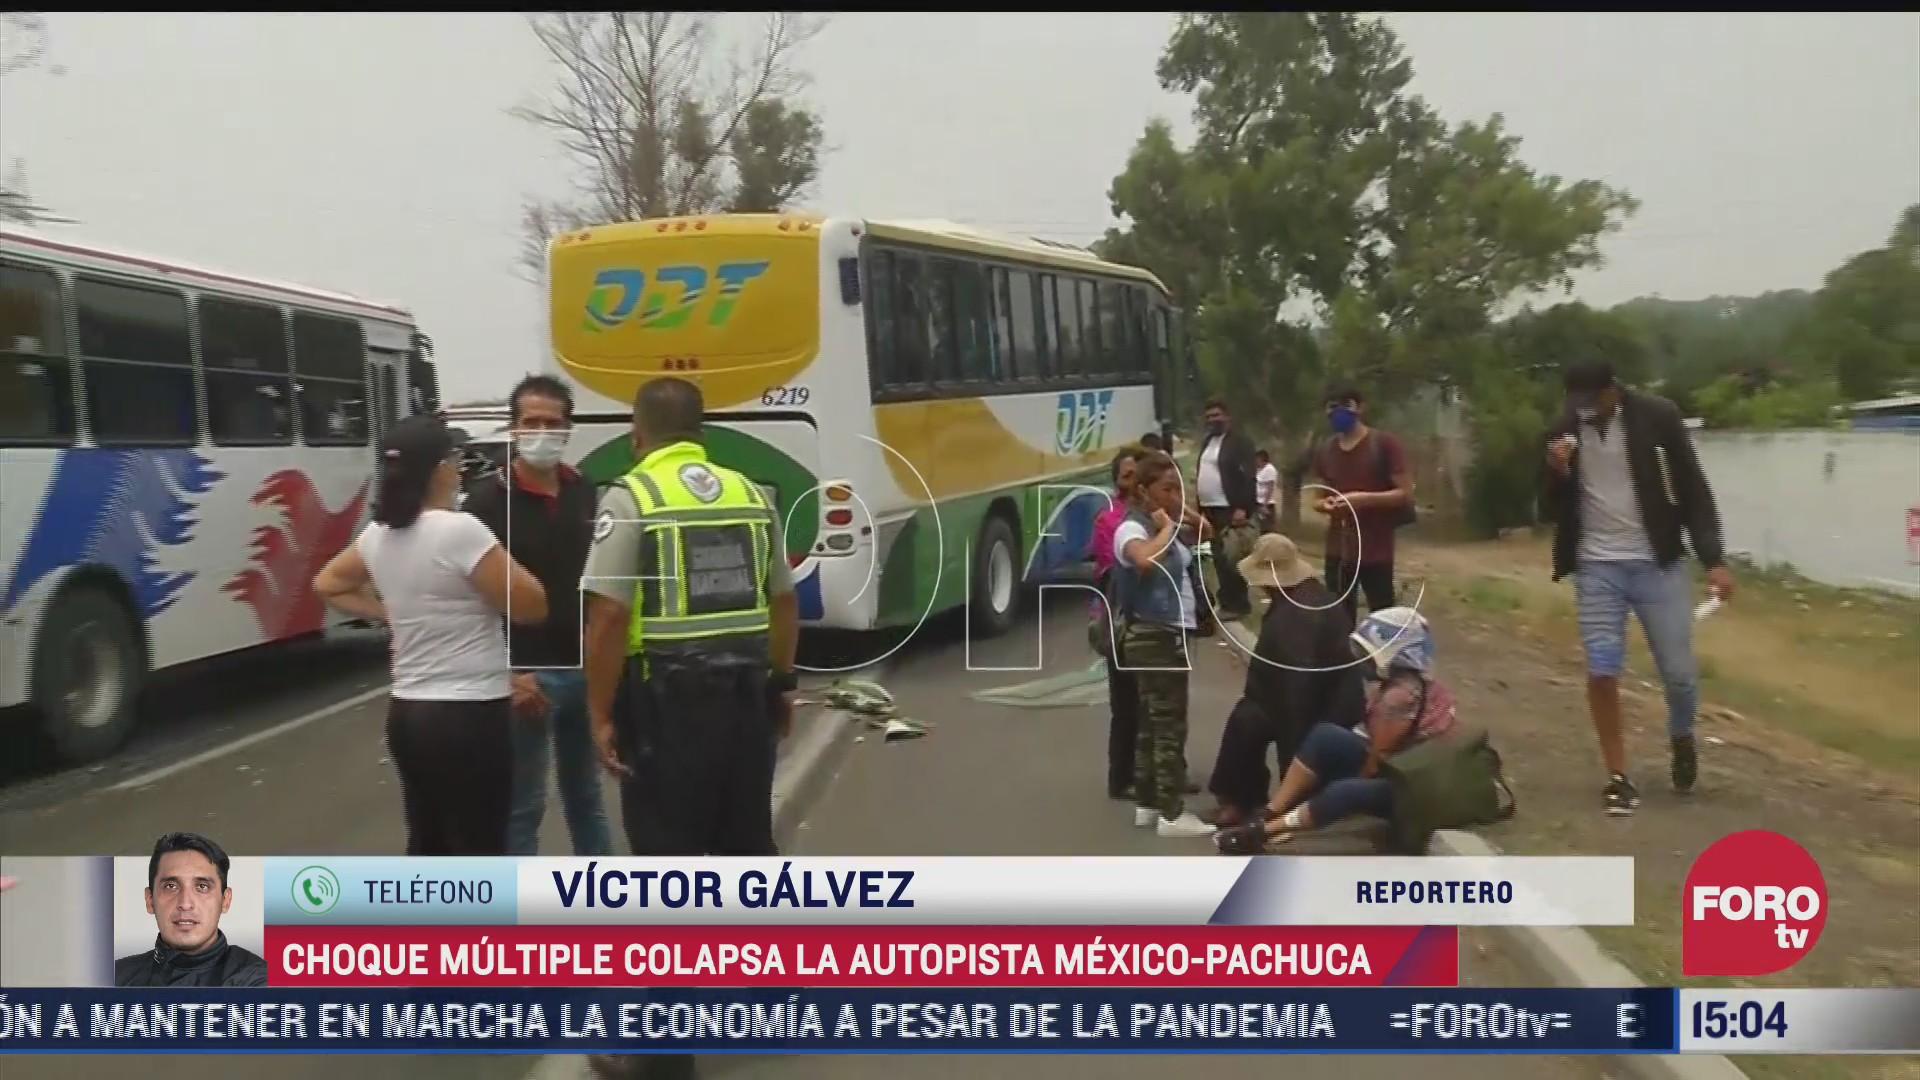 choque multiple colapsa la autopista mexico pachuca